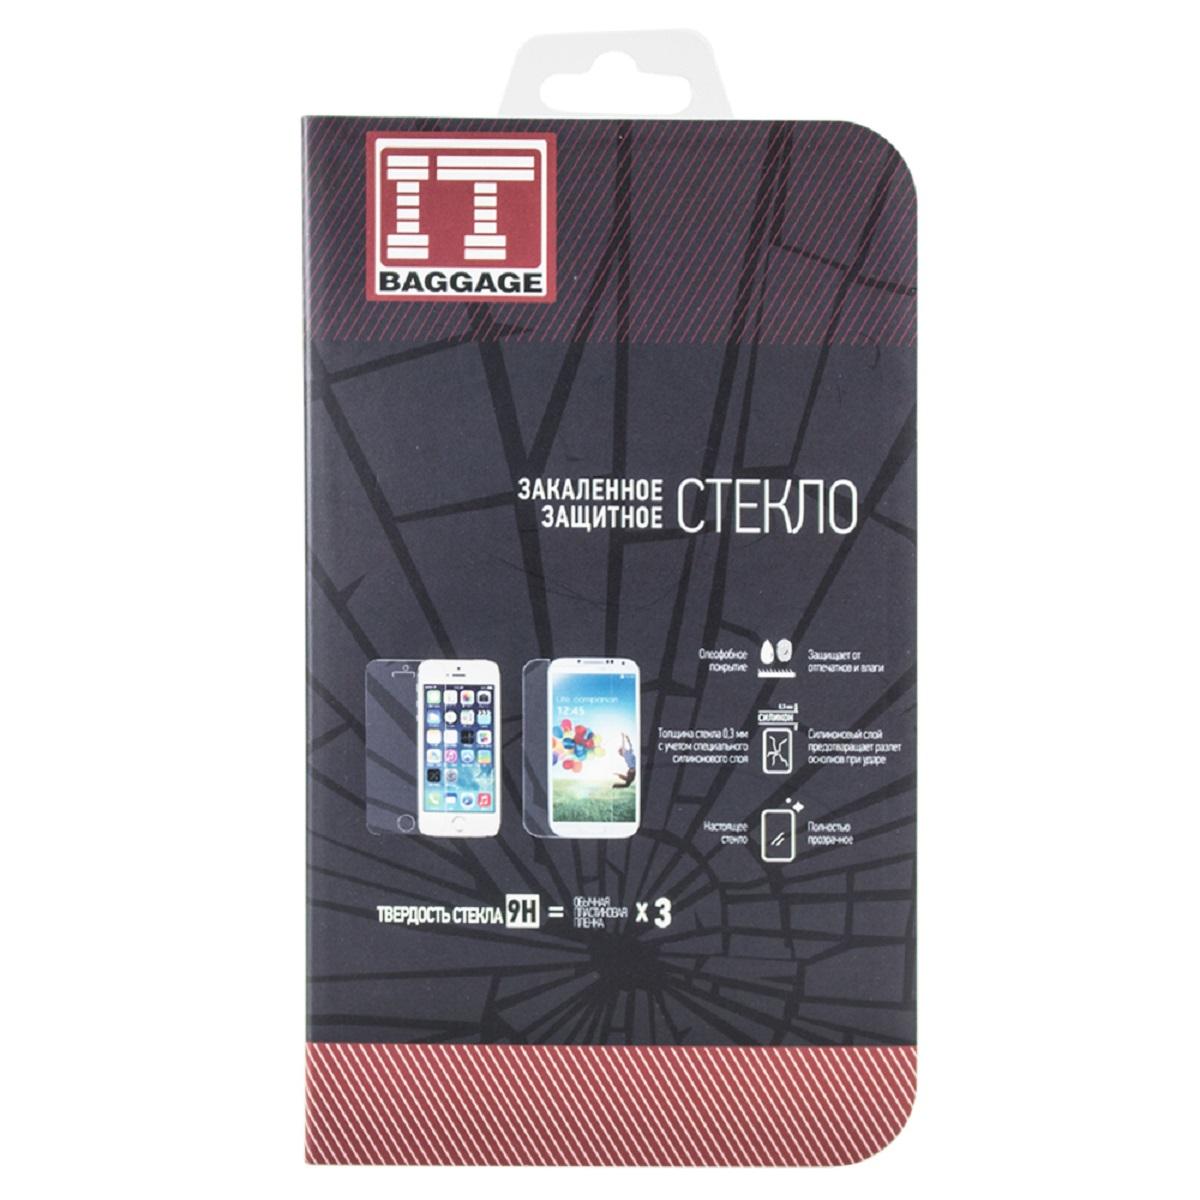 IT Baggage защитное стекло для Asus ZenFone 2 Laser ZE550KLITASZE550KLGЗакаленное стекло IT Baggage для Asus ZenFone 2 Laser ZE550KL - это самый верный способ защитить экран от повреждений и загрязнений. Обладает высочайшим уровнем прозрачности и совершенно не влияет на отклик экранного сенсора и качество изображения. Препятствует появлению отпечатков и пятен. Удалить следы жира и косметики с поверхности аксессуара не составить ни какого труда.Характеристики защитного стекла делают его износостойким к таким механическим повреждениям, как царапины, сколы, потертости. При сильном ударе разбившееся стекло не разлетается на осколки, предохраняя вас от порезов, а экран устройства от повреждений.После снятия защитного стекла с поверхности дисплея, на нем не остаются повреждения, такие как потертости и царапины.